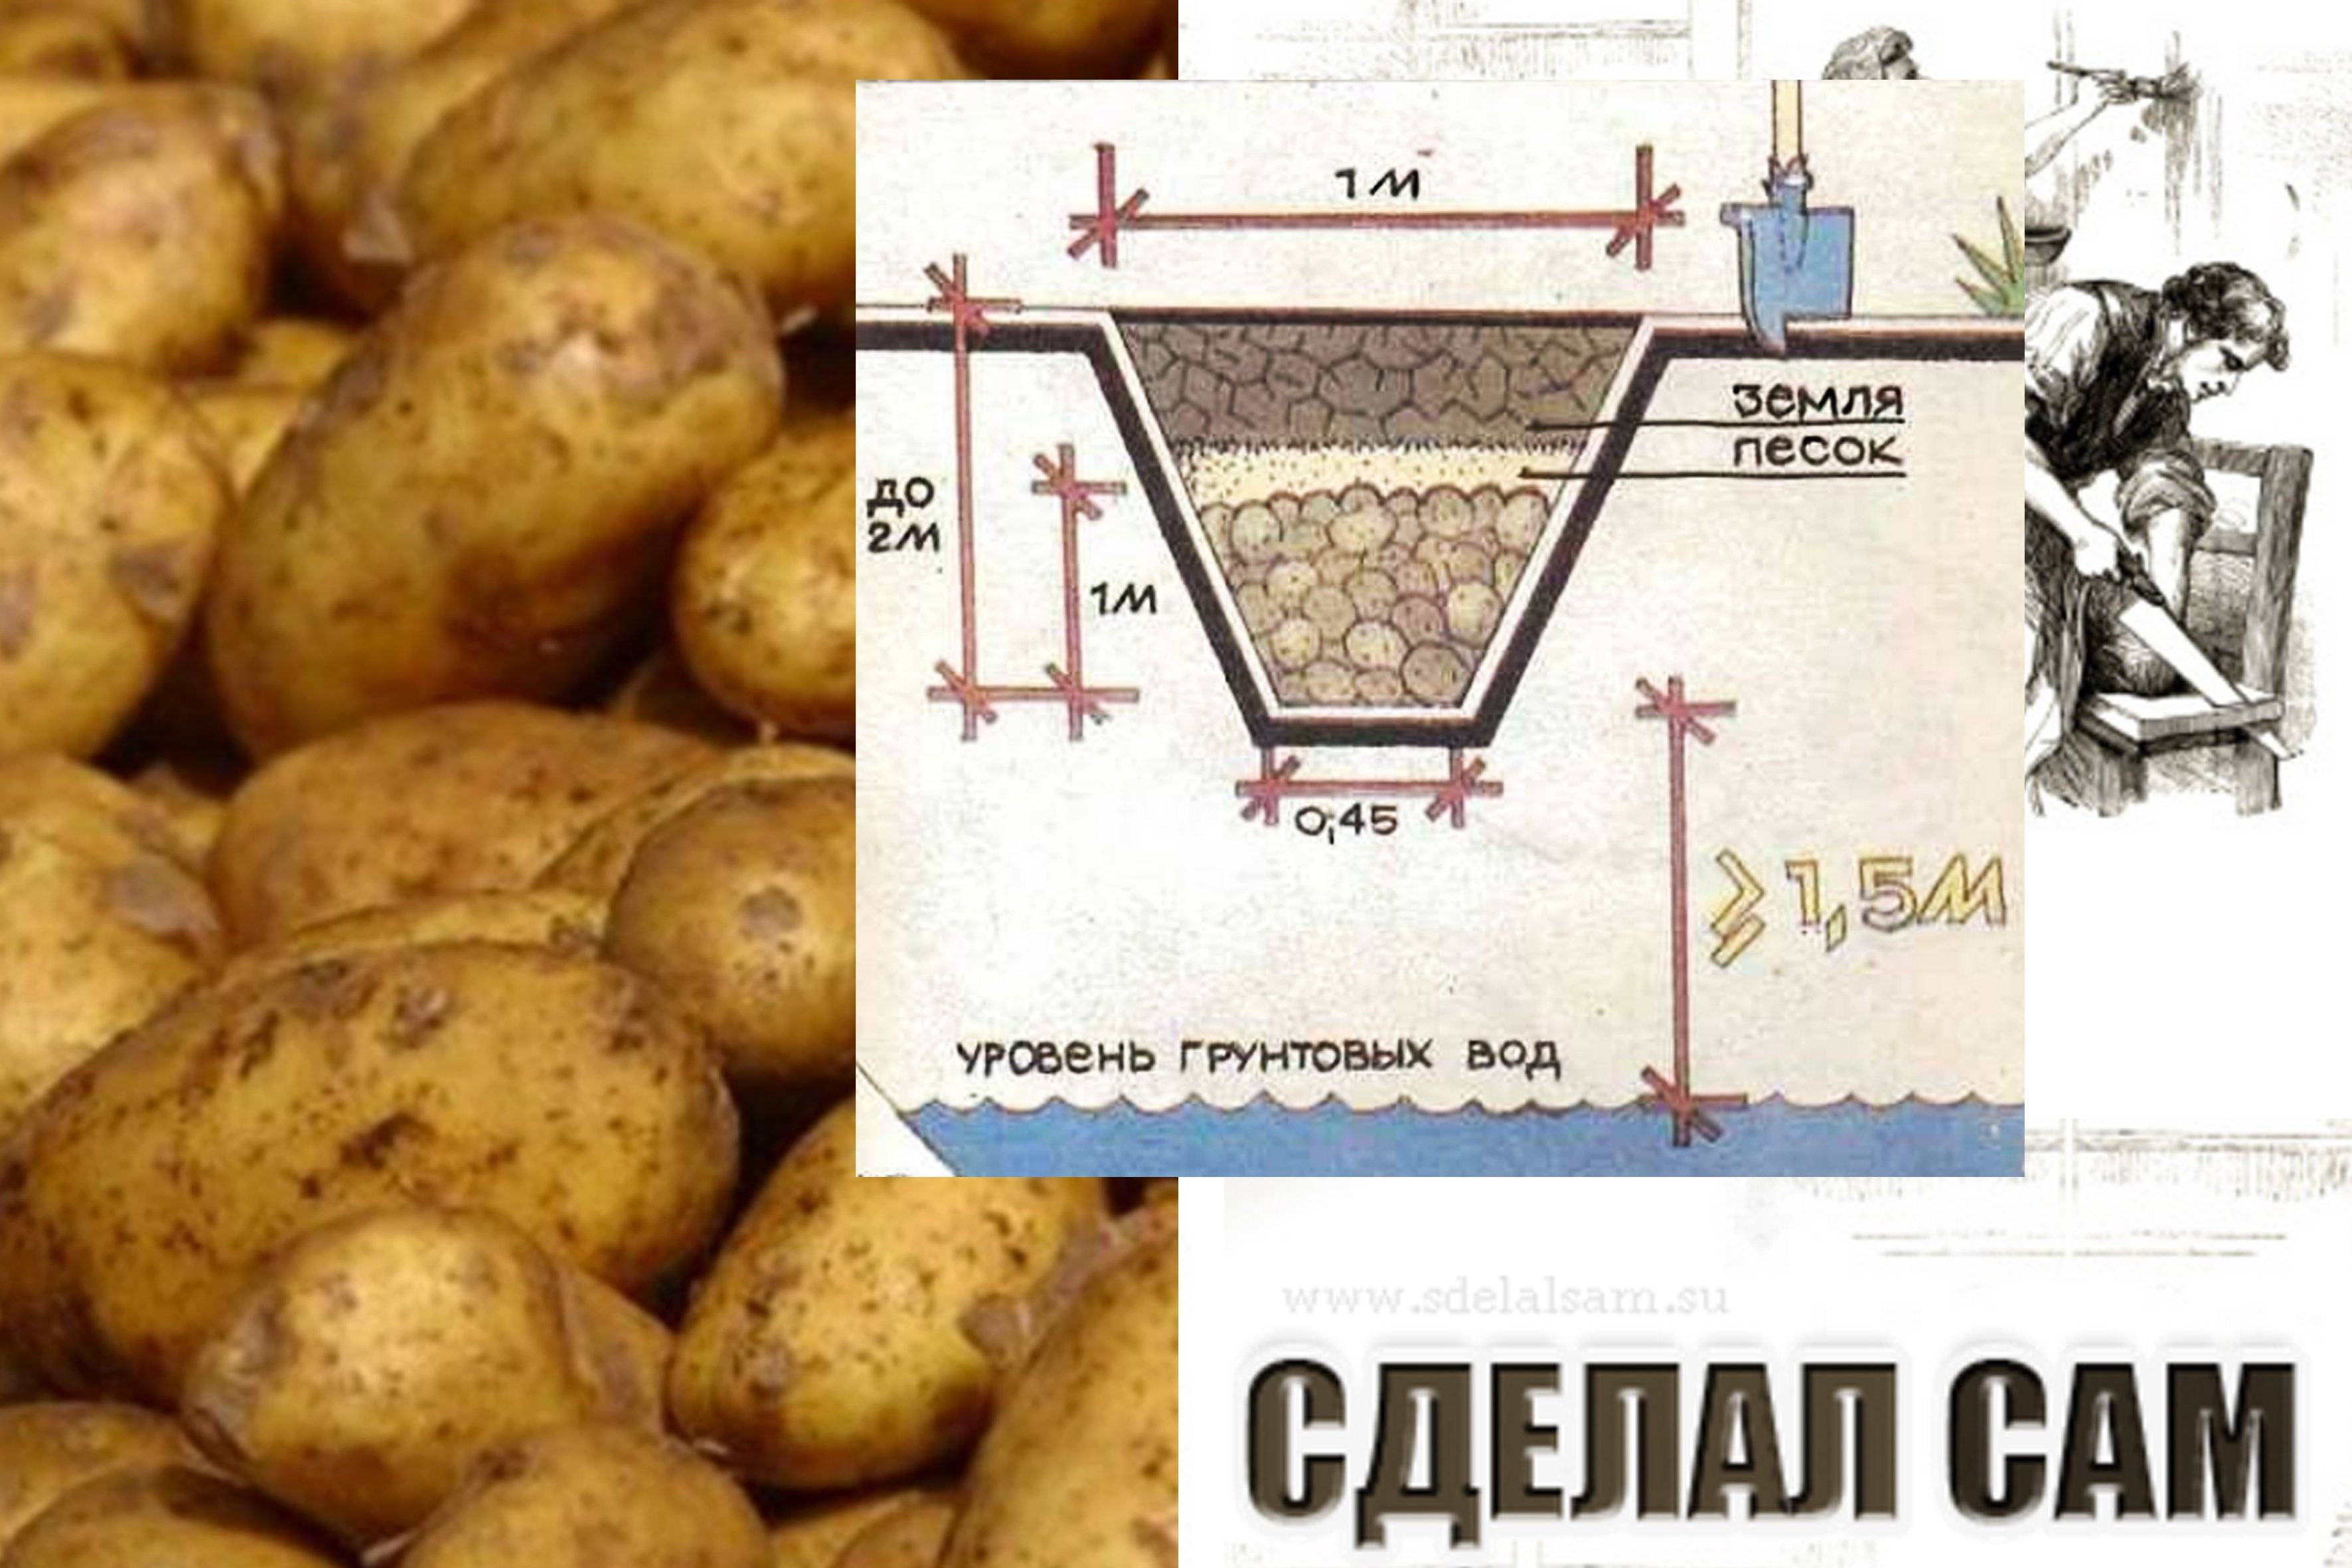 Как правильно хранить картофель в доме или квартире